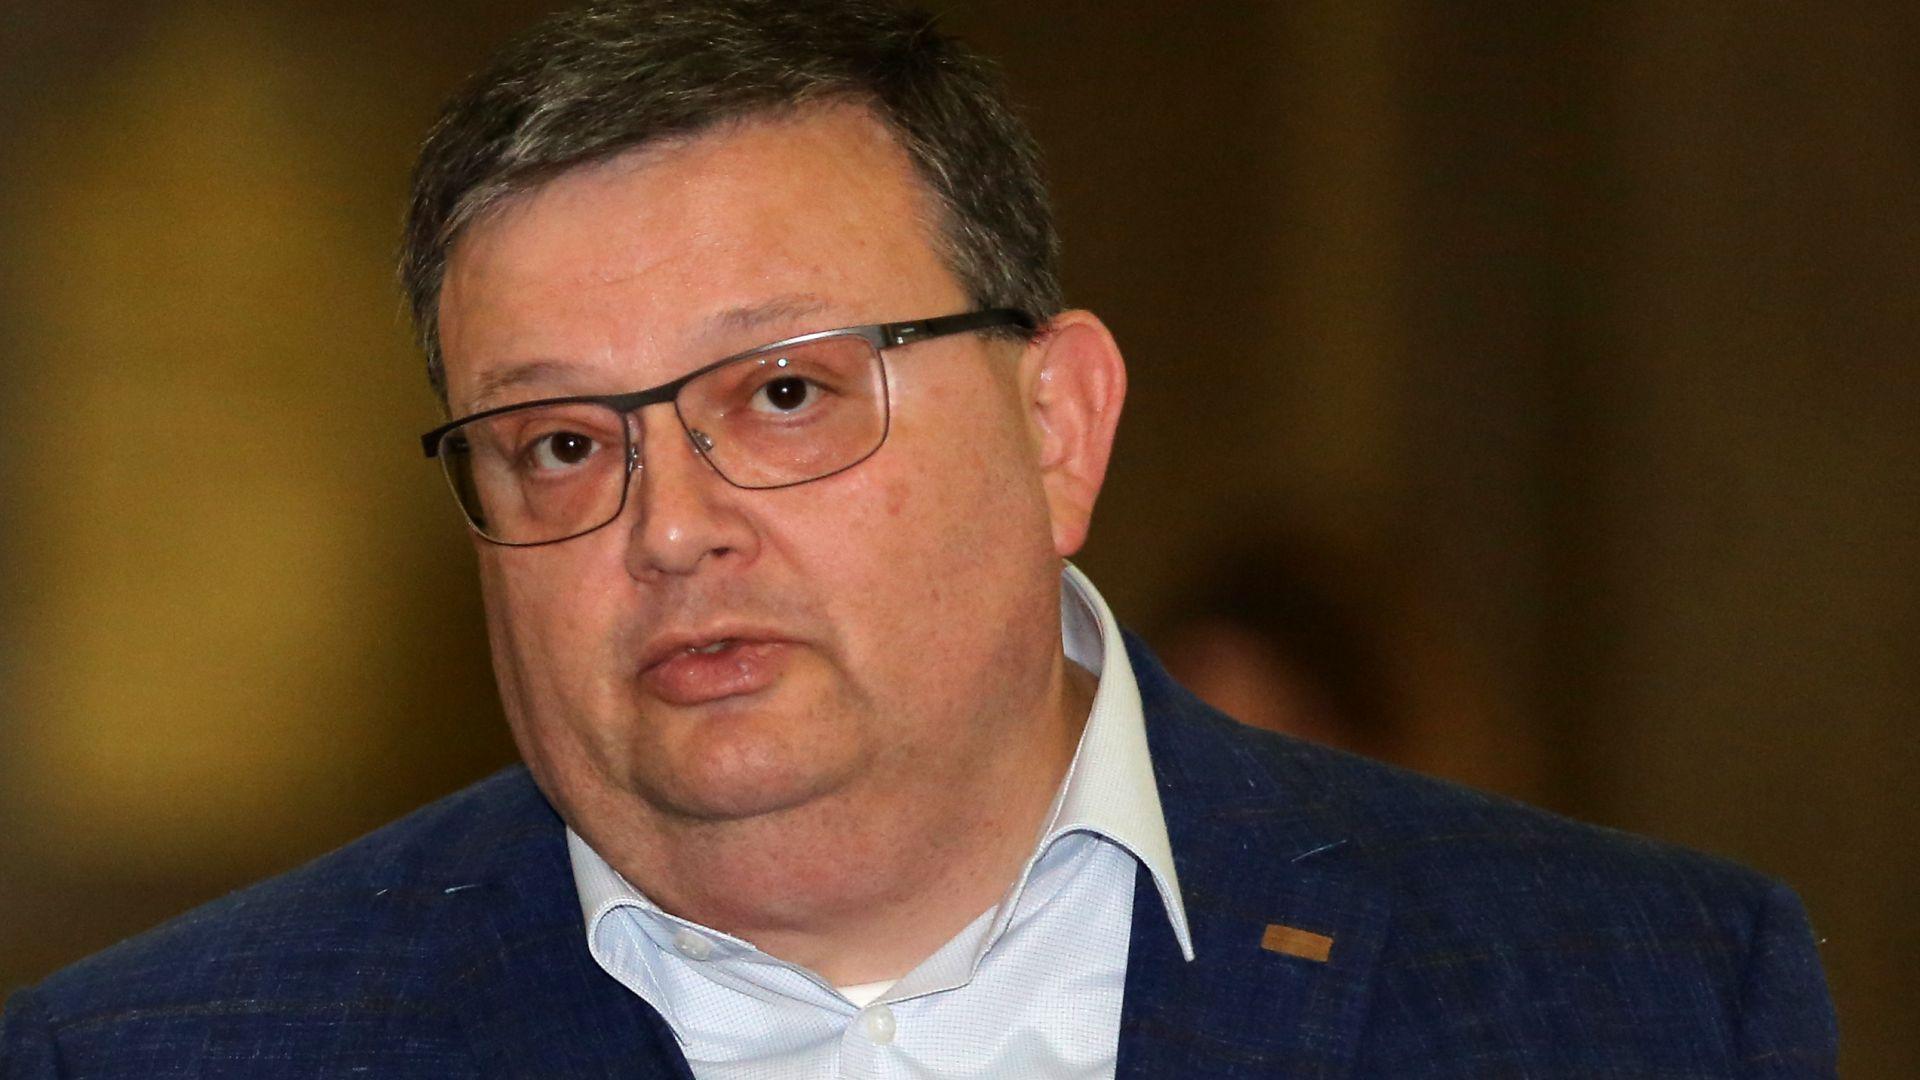 Цацаров подкрепи идеята за разследване на тримата големи в съдебната власт